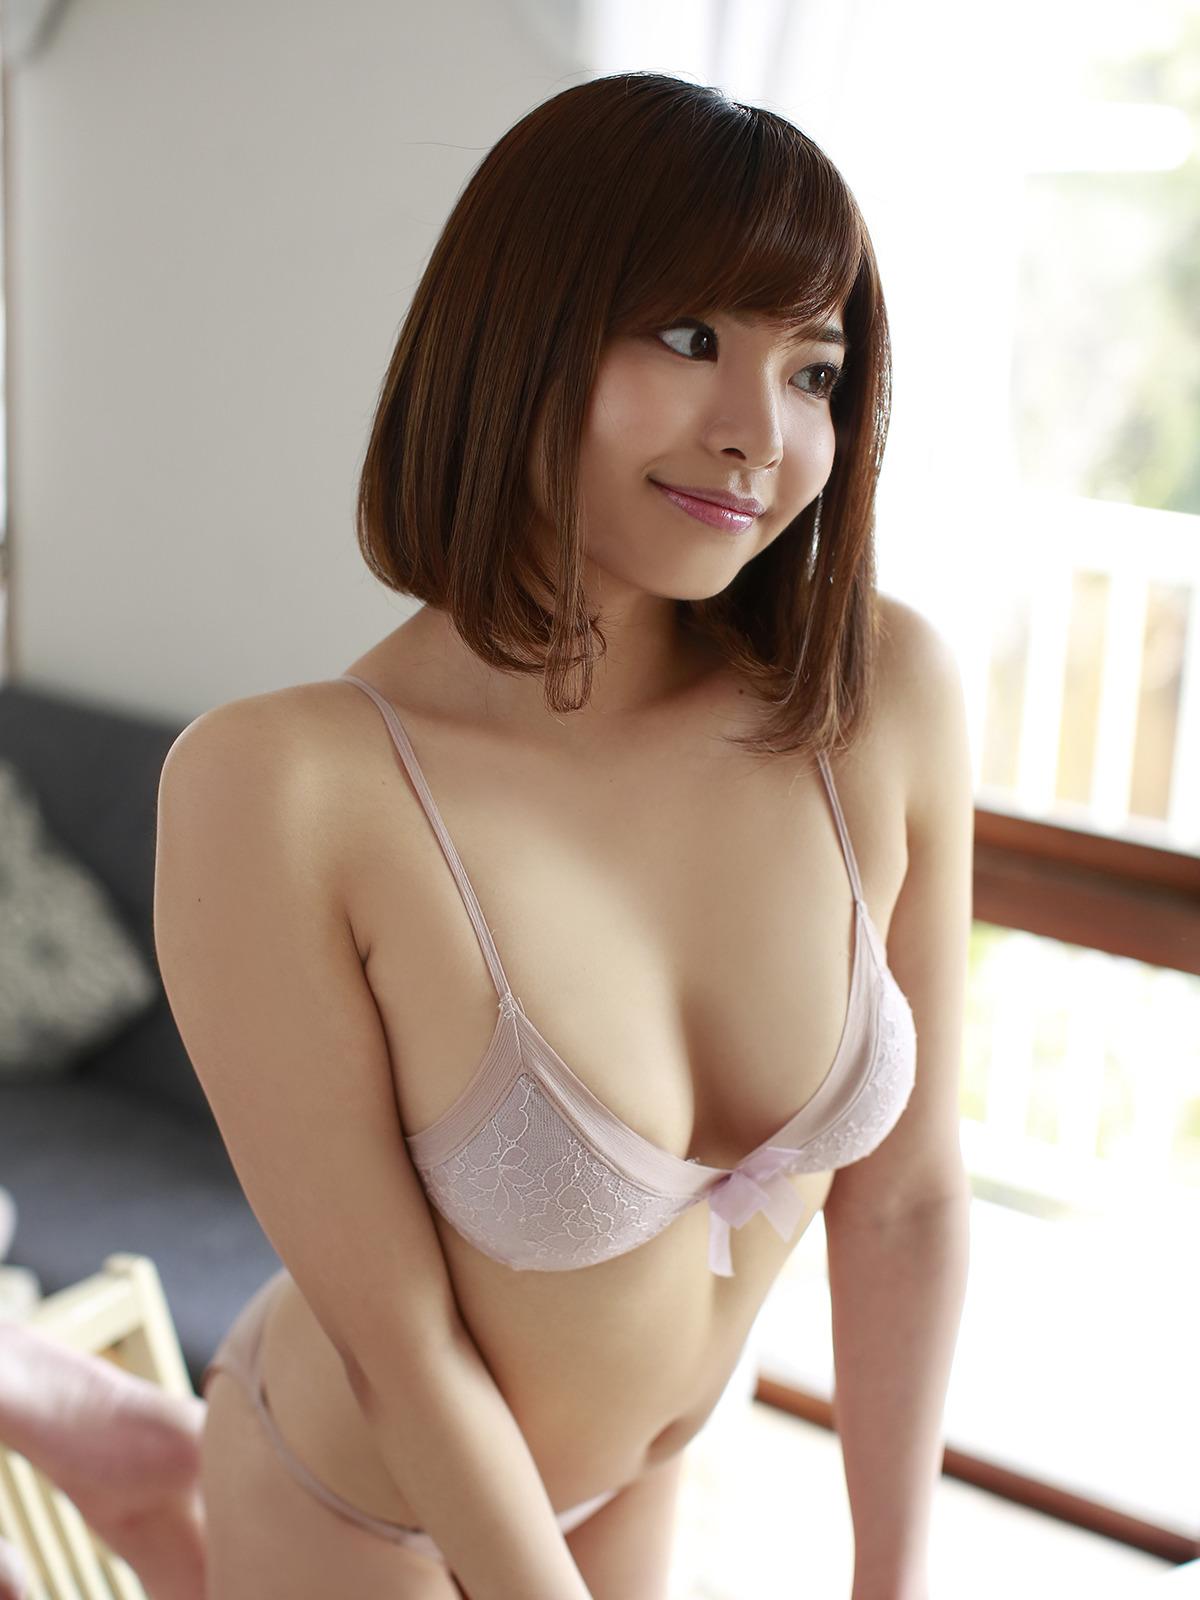 ムチムチFカップ西谷麻糸呂が何気にグラビアが優秀でもっとグラビアをするべきだと思う(*´▽`*)ww×39P 表紙